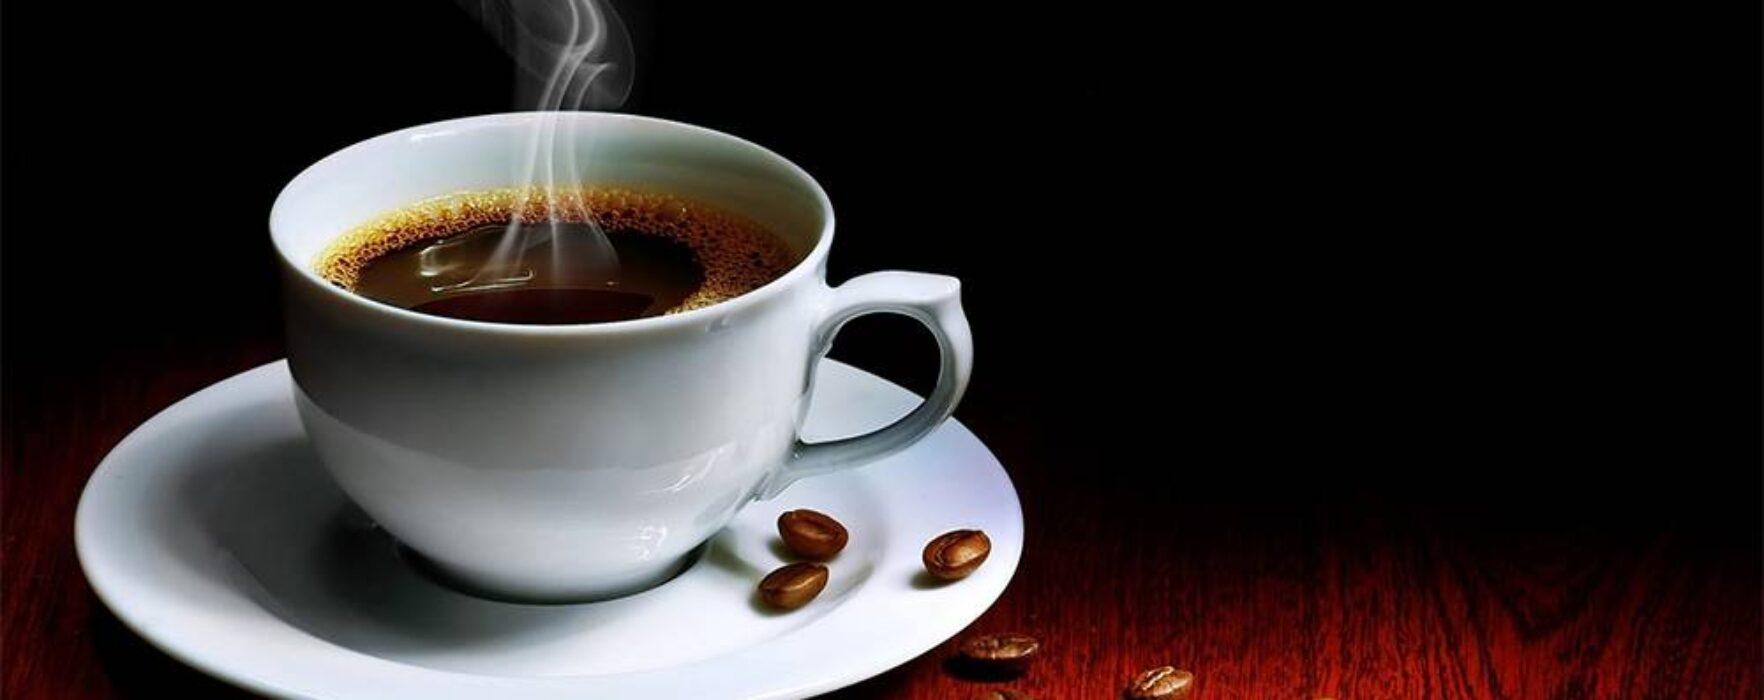 Citeşte cu poftă! – Cafeaua sărată, nouă tendinţă de consum în rândul hipsterilor